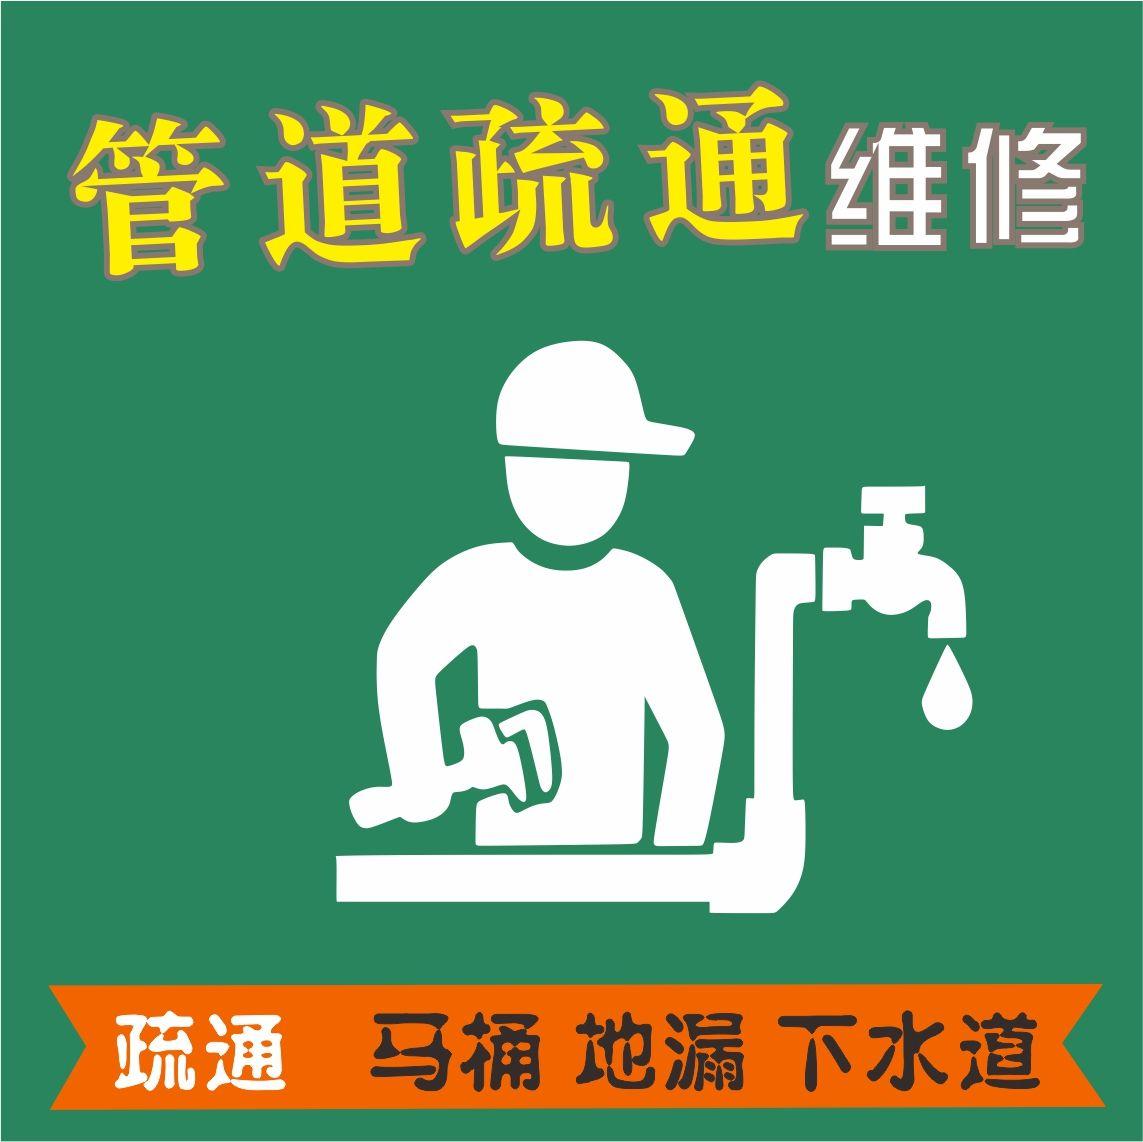 为您分享各种管道的疏通及维修办法